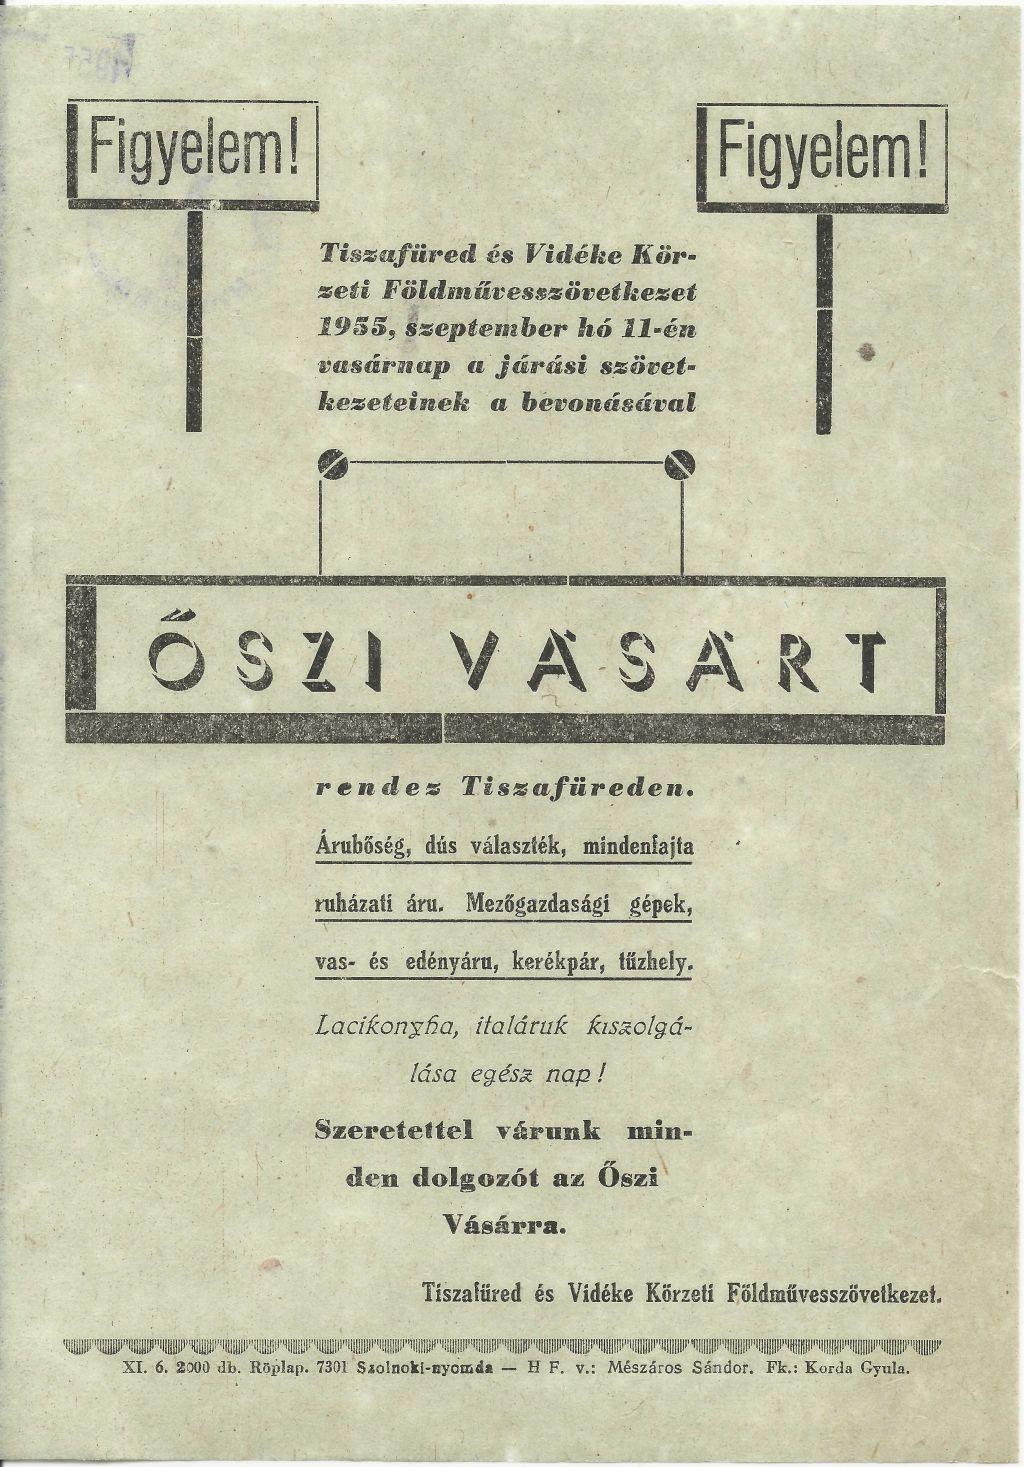 Tiszafüred és Vidéke Körzeti Földművesszövetkezet őszi vásárt rendez 1955. szeptember 11-én.